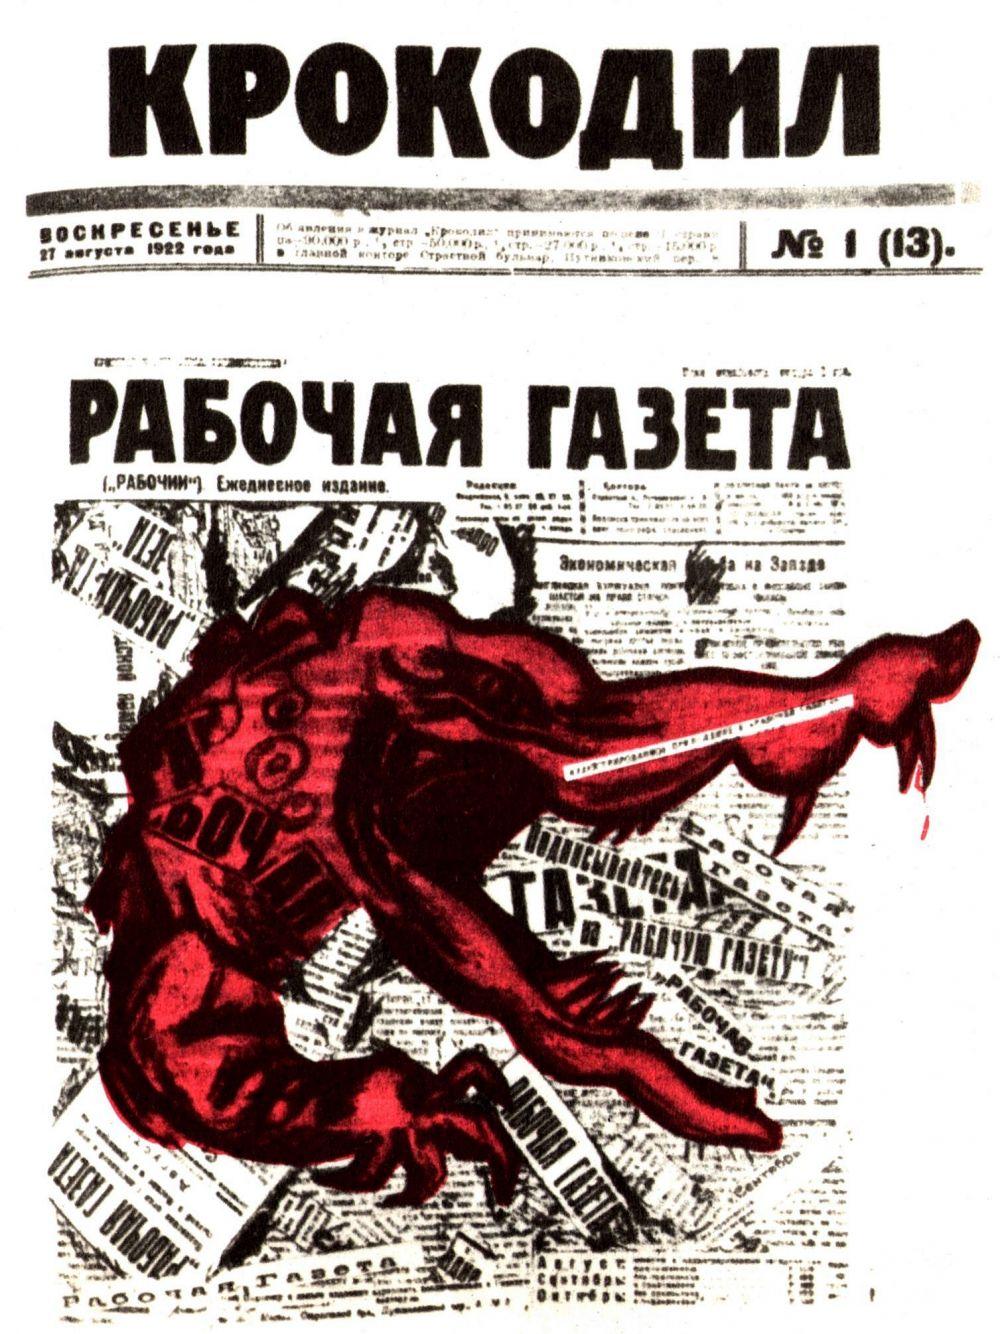 Сатирический журнал «Крокодил», номер за 22 августа 1922 года. Первый номер вышел в 1922 году и с тех пор издание печаталось три раза в месяц, а его тиражи достигали 6,5 млн экземпляров.